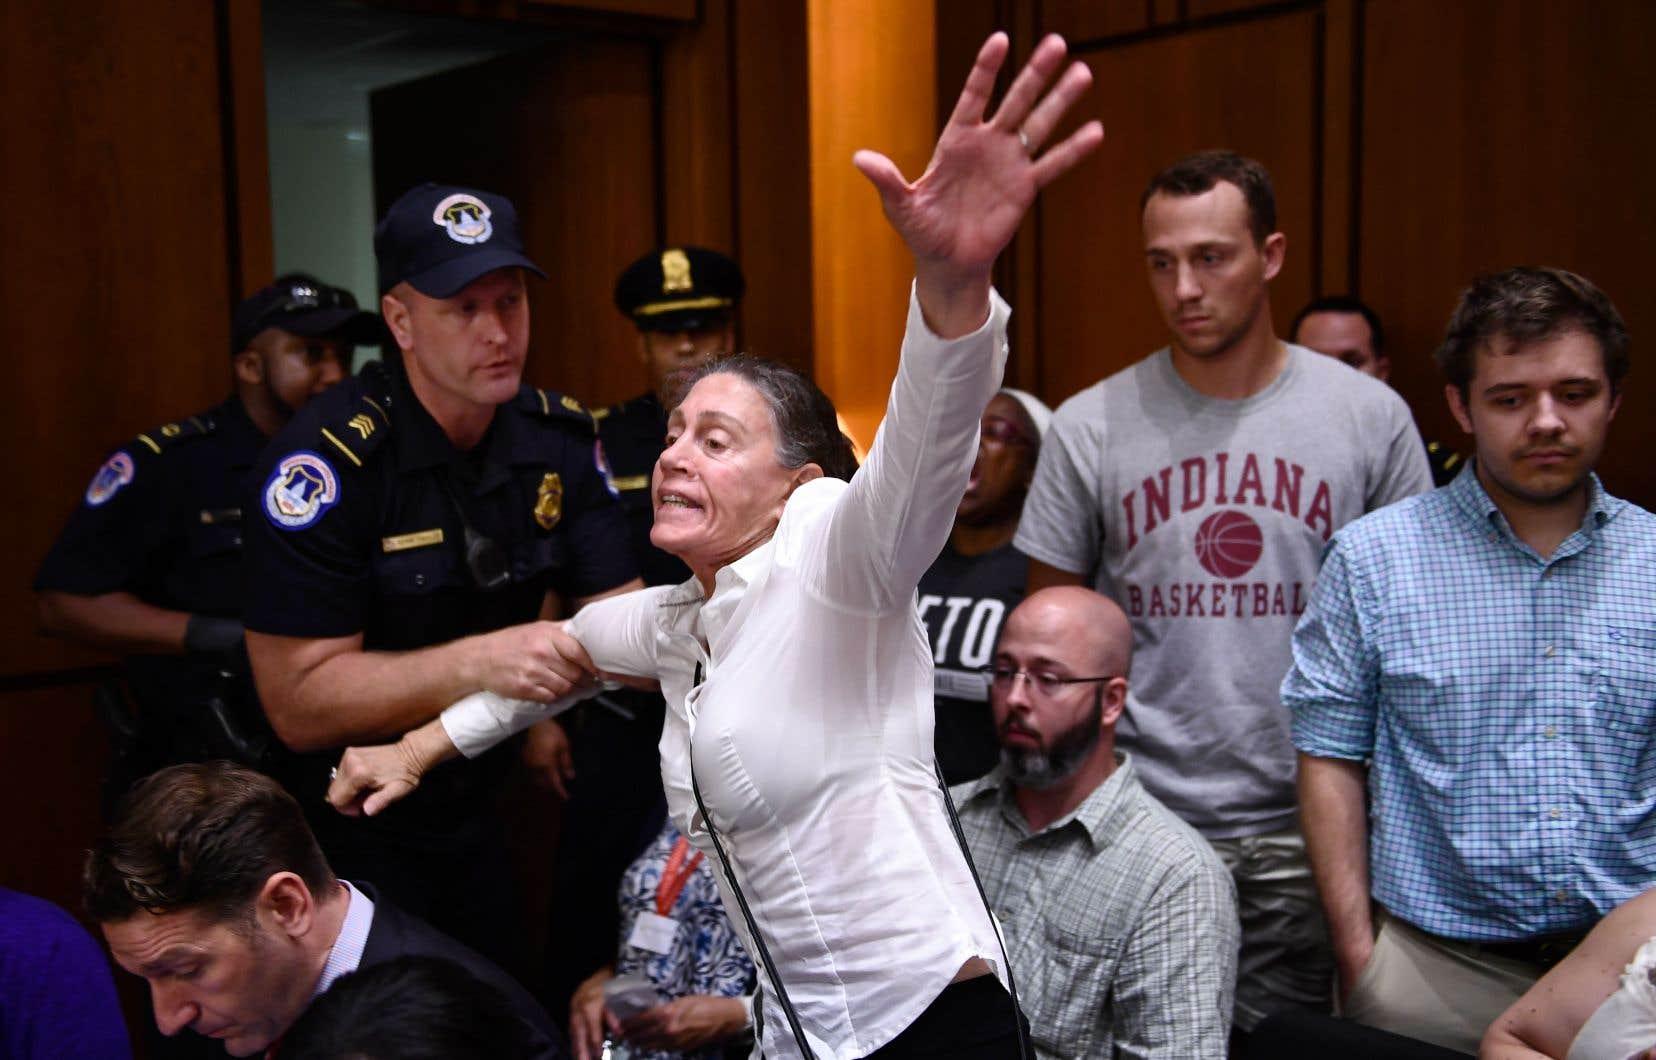 Une manifestante pendant les audiences. En tout, une trentaine de protestataires appuyant la demande de suspension des travaux ont été escortés à l'extérieur de la salle.